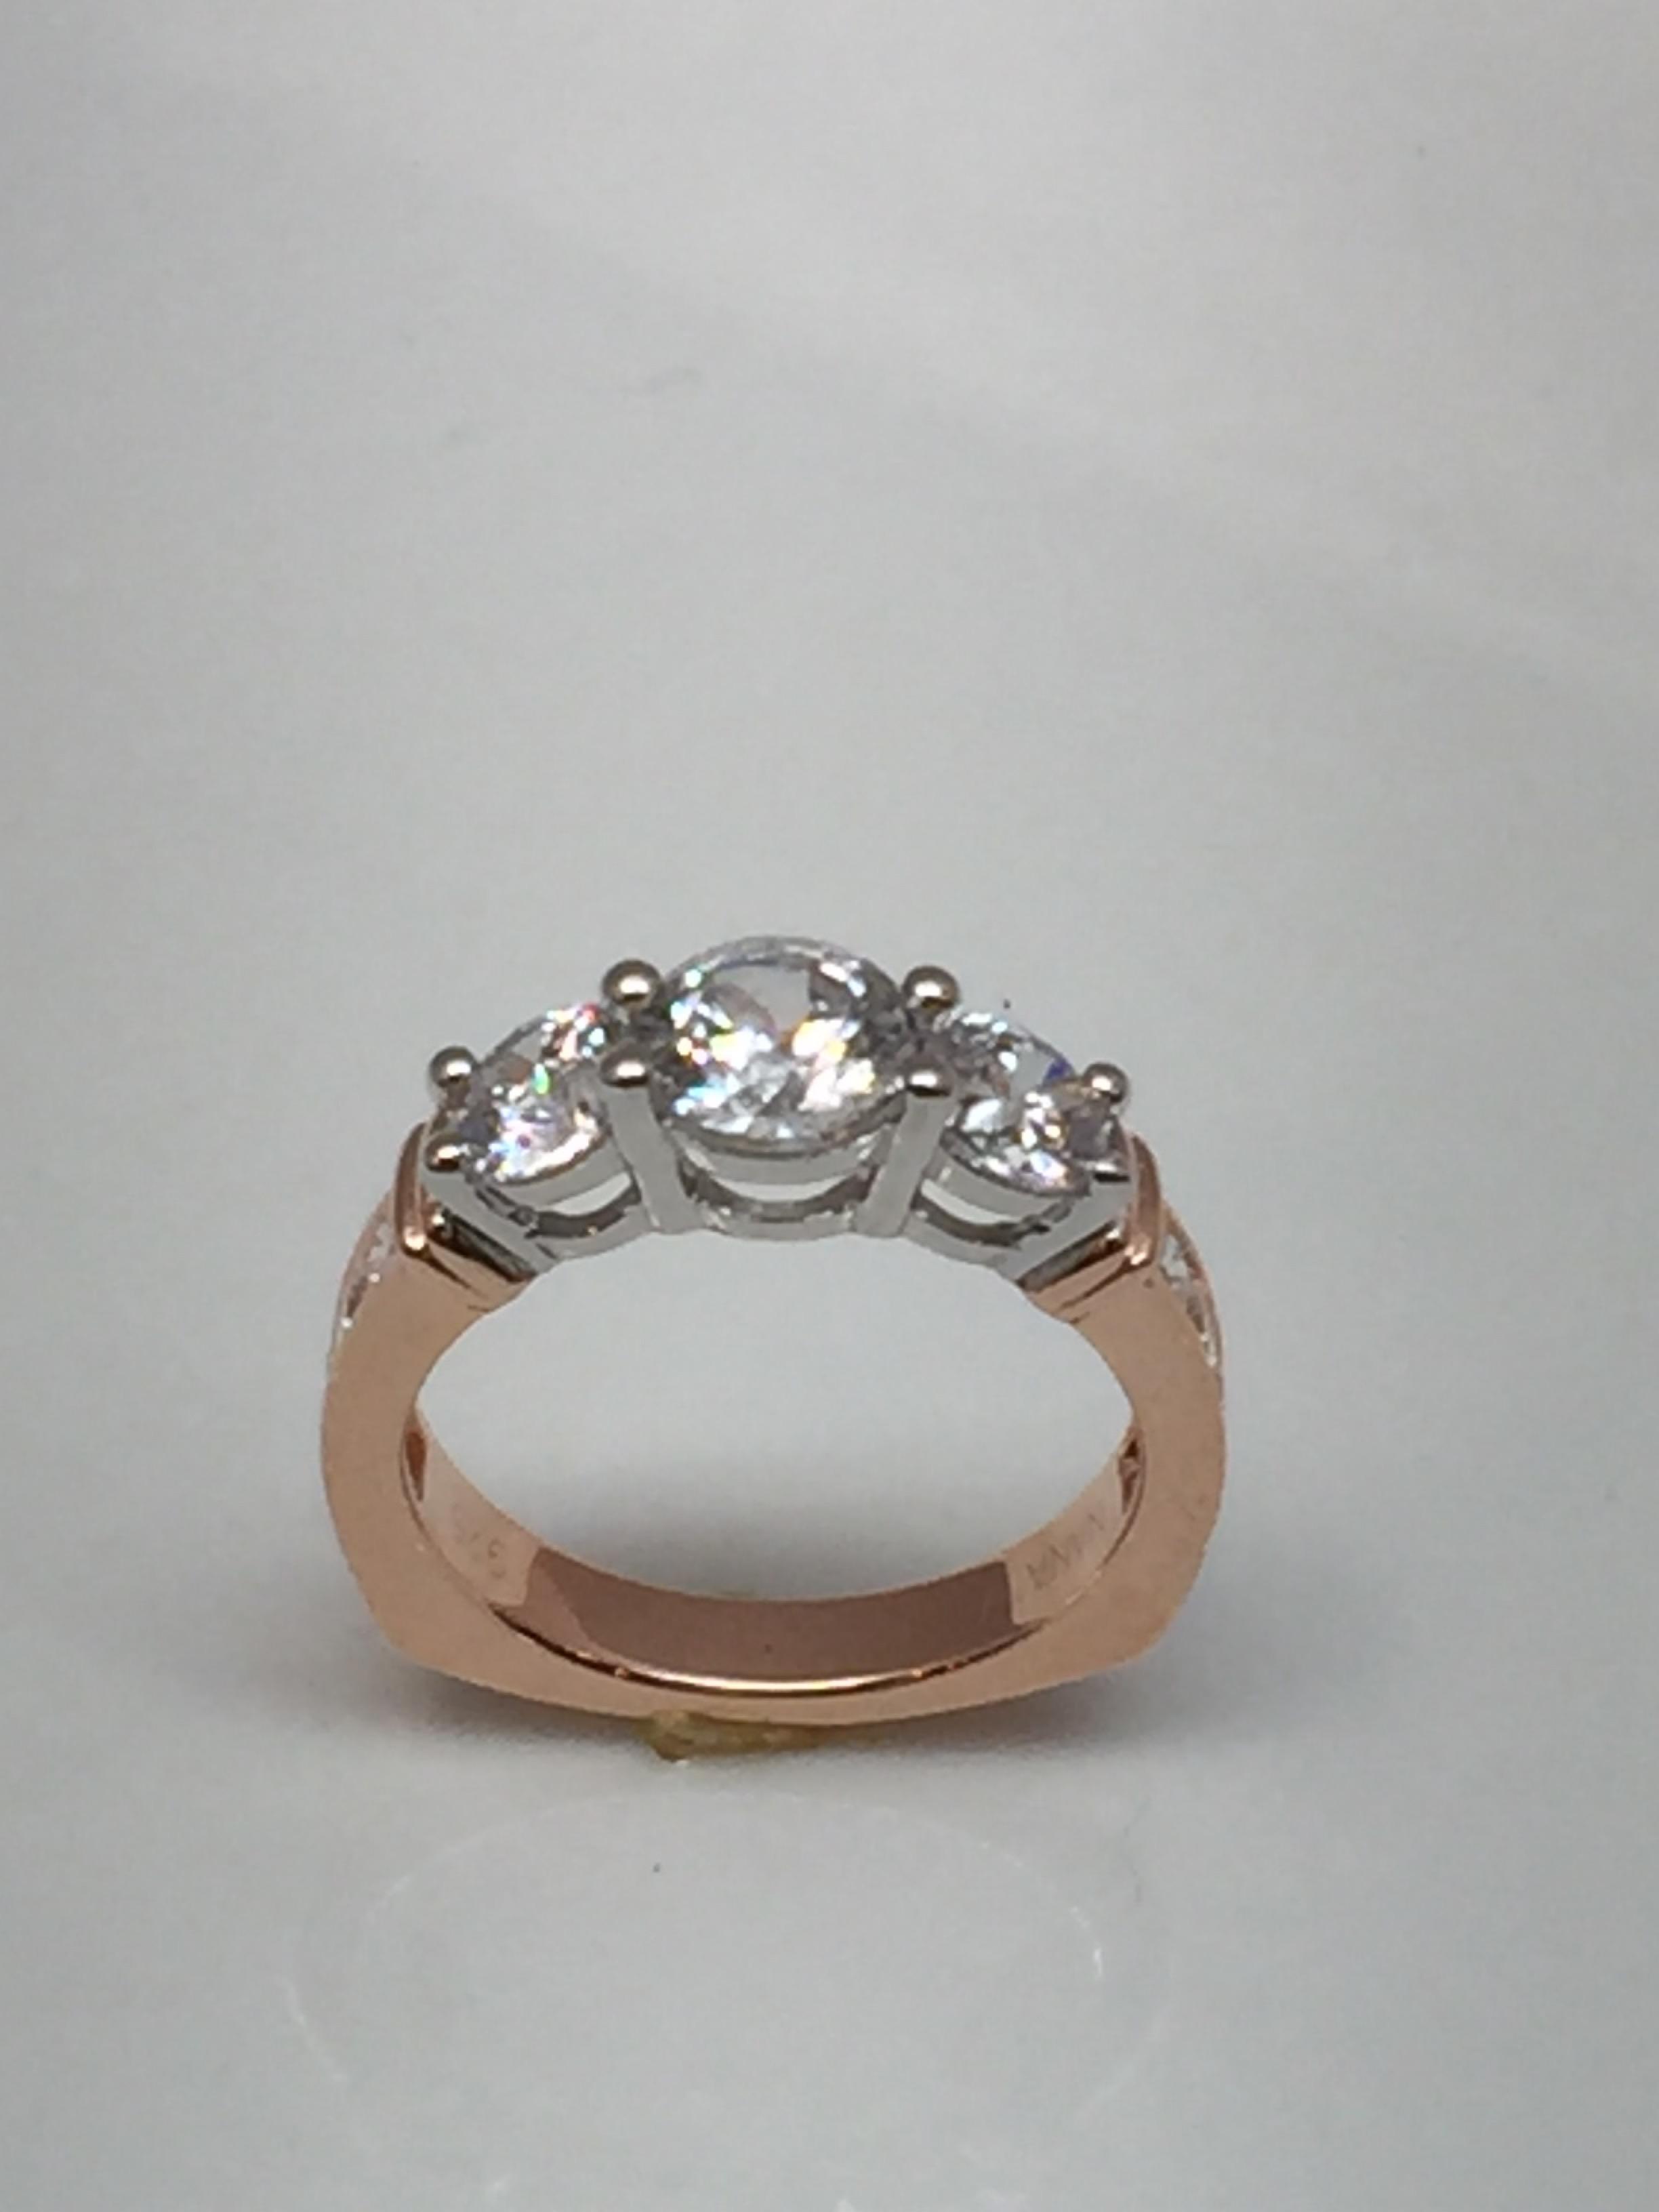 Rings Engagement Fashion Rings Bands Nana Three